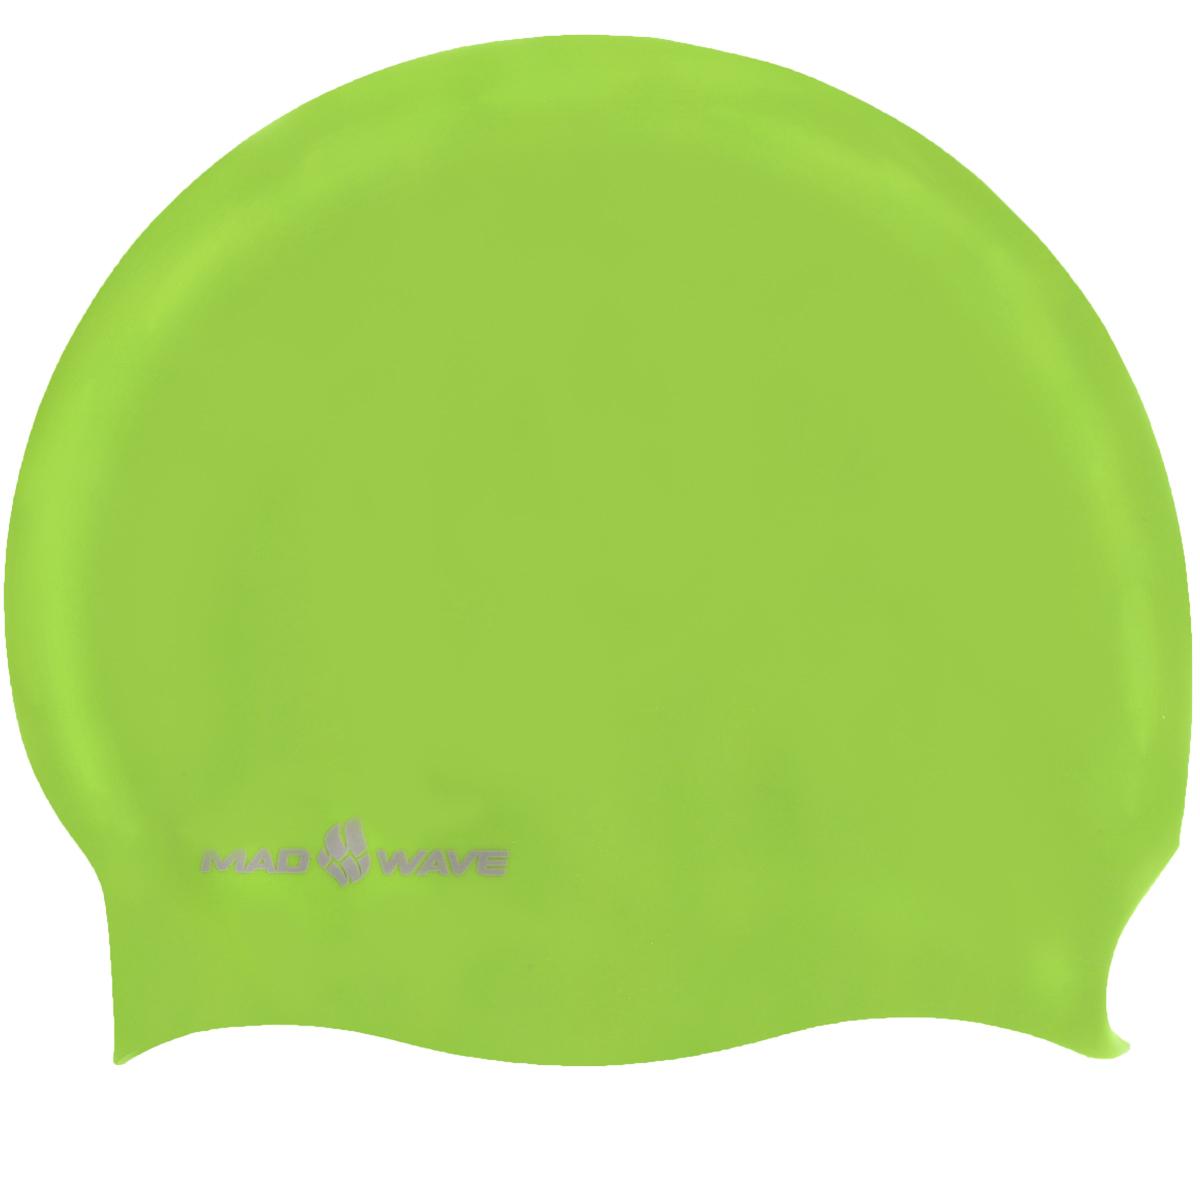 Шапочка для плавания Mad Wave Reverse Champion, цвет: черный, зеленый100105253D двусторонняя шапочка для плавания Mad Wave Reverse Champion изготовлена из мягкого прочного силикона, который обеспечивает идеальную подгонку и комфорт. Материал шапочки не вызывает раздражения, что гарантирует безопасность использования шапочки. Силикон не пропускает воду и приятен на ощупь.